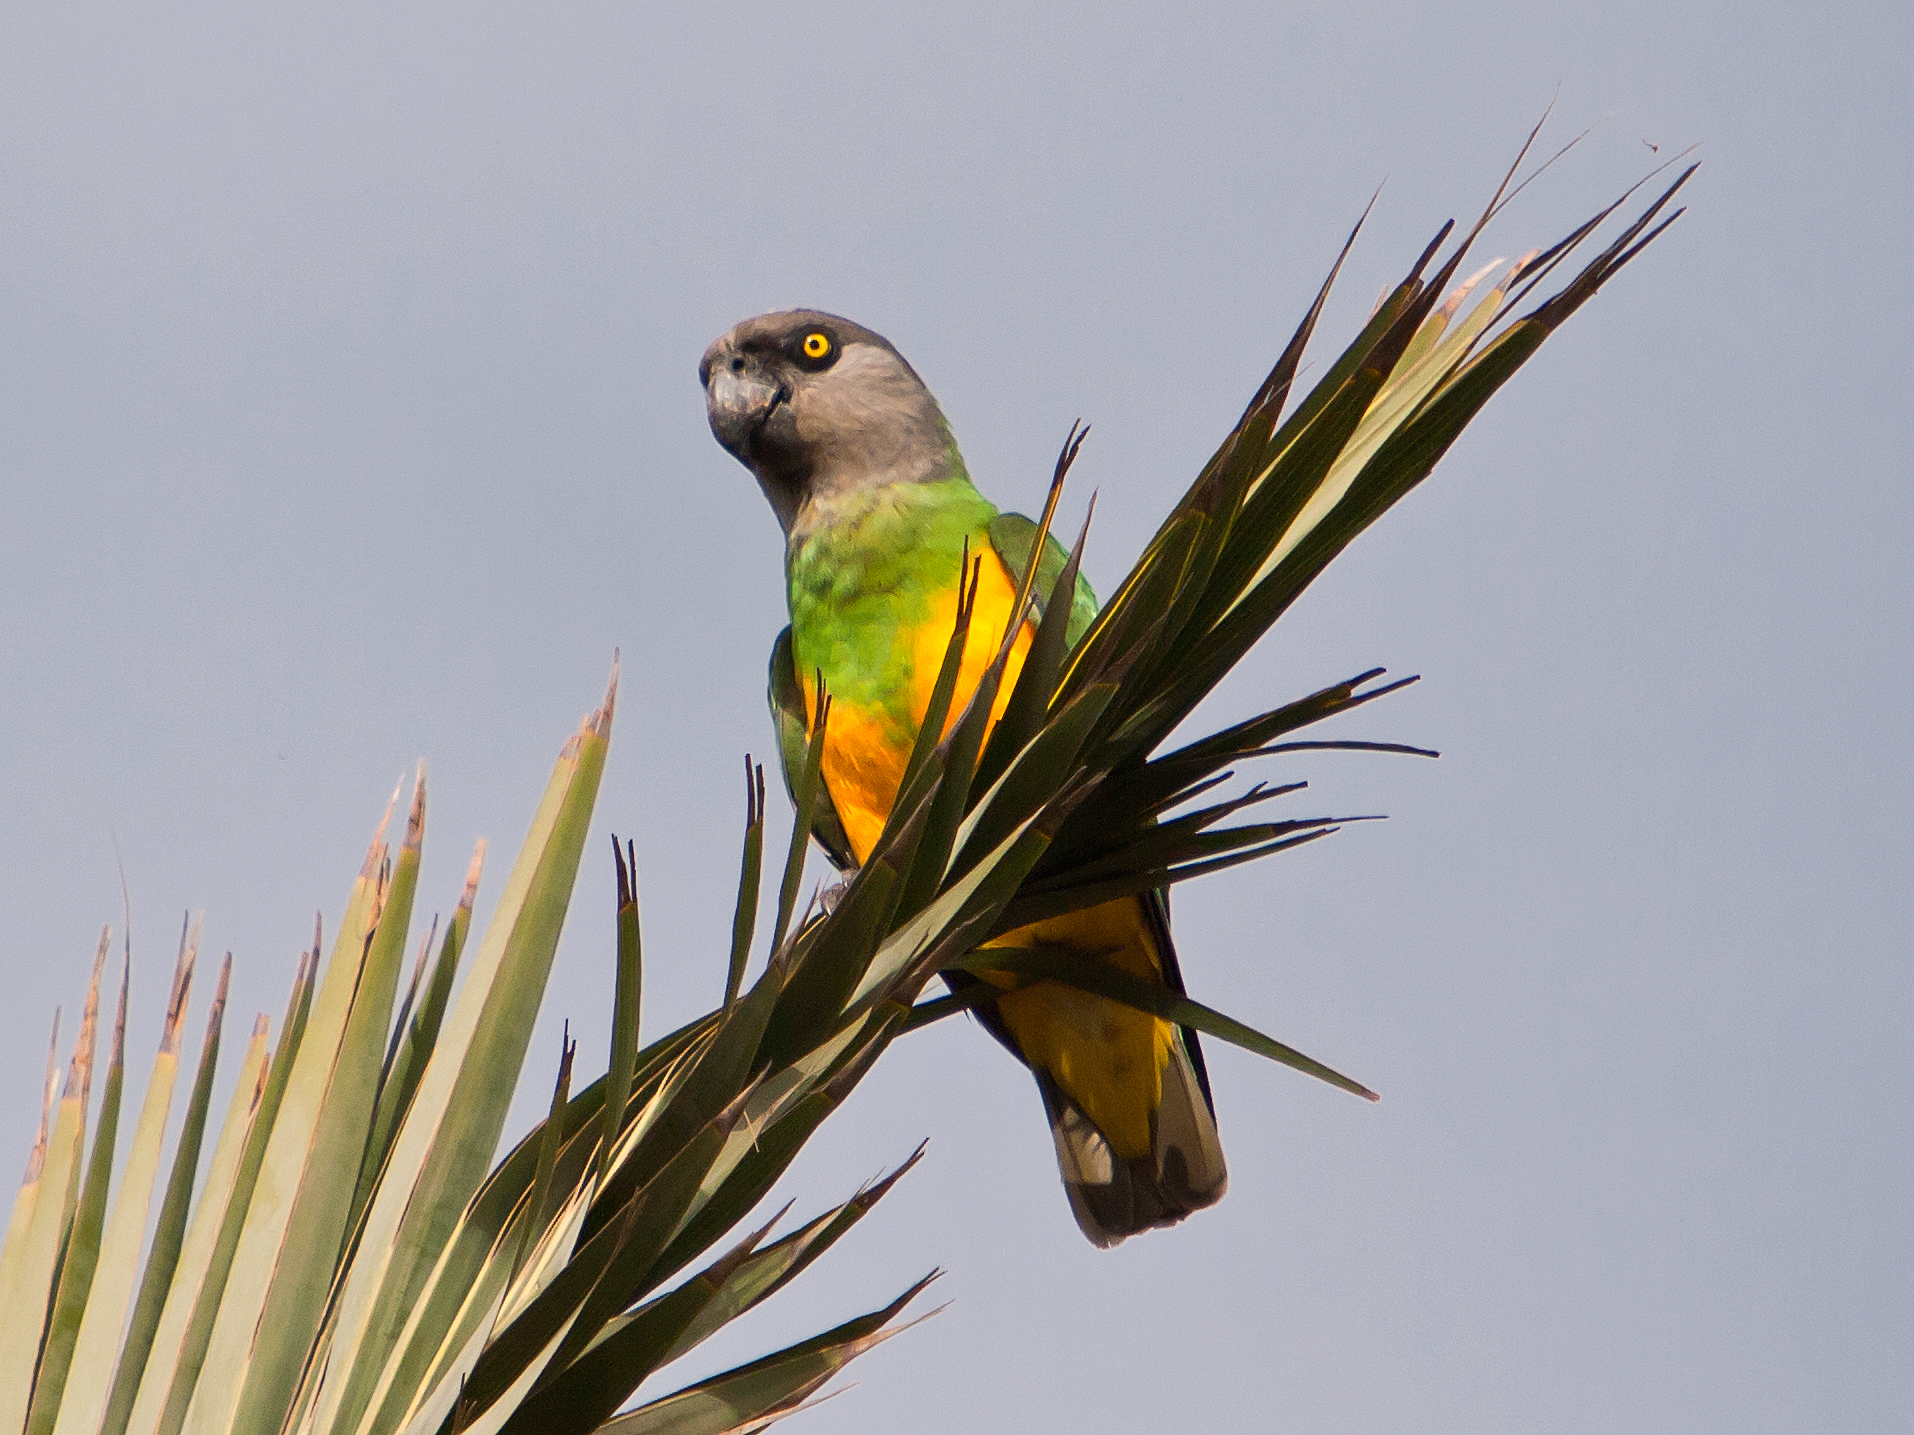 Senegal Parrots Make Excellent Companions